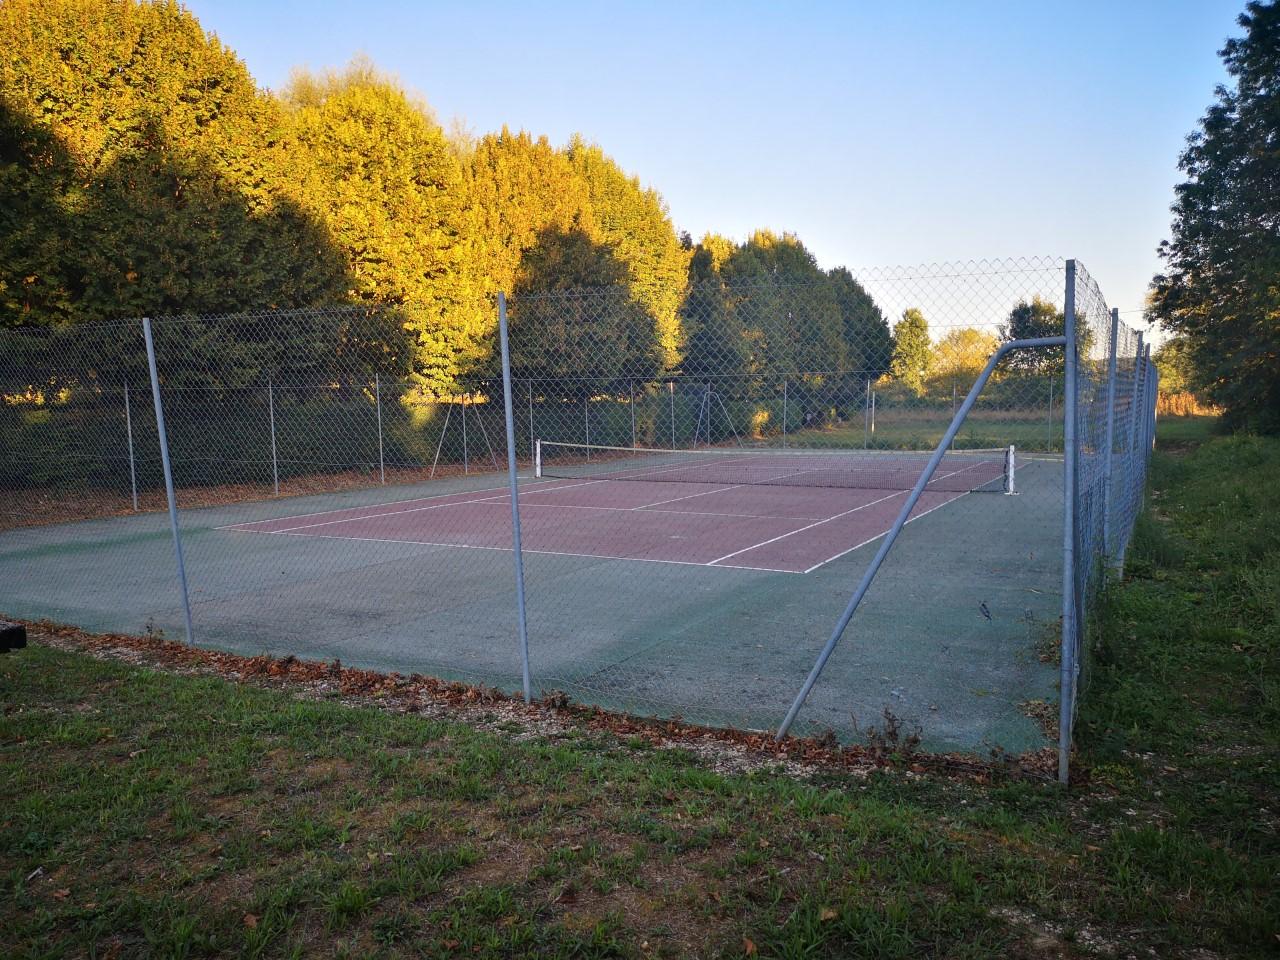 Le terrain de tennis de Précy-sur-Marne